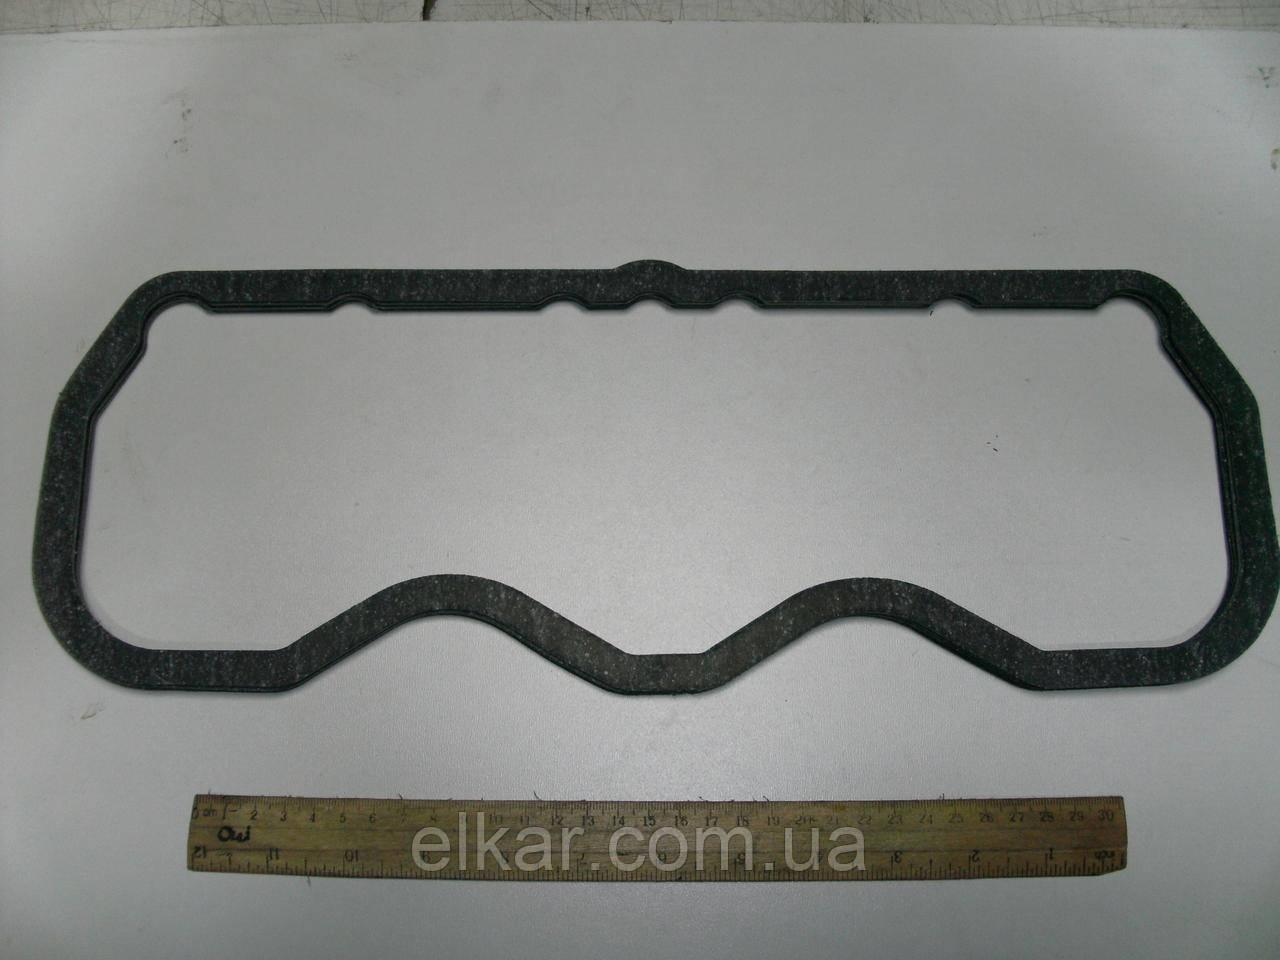 Прокладка кришки клапанів верхня   260-1003109   ПАРОНИТ (Україна)